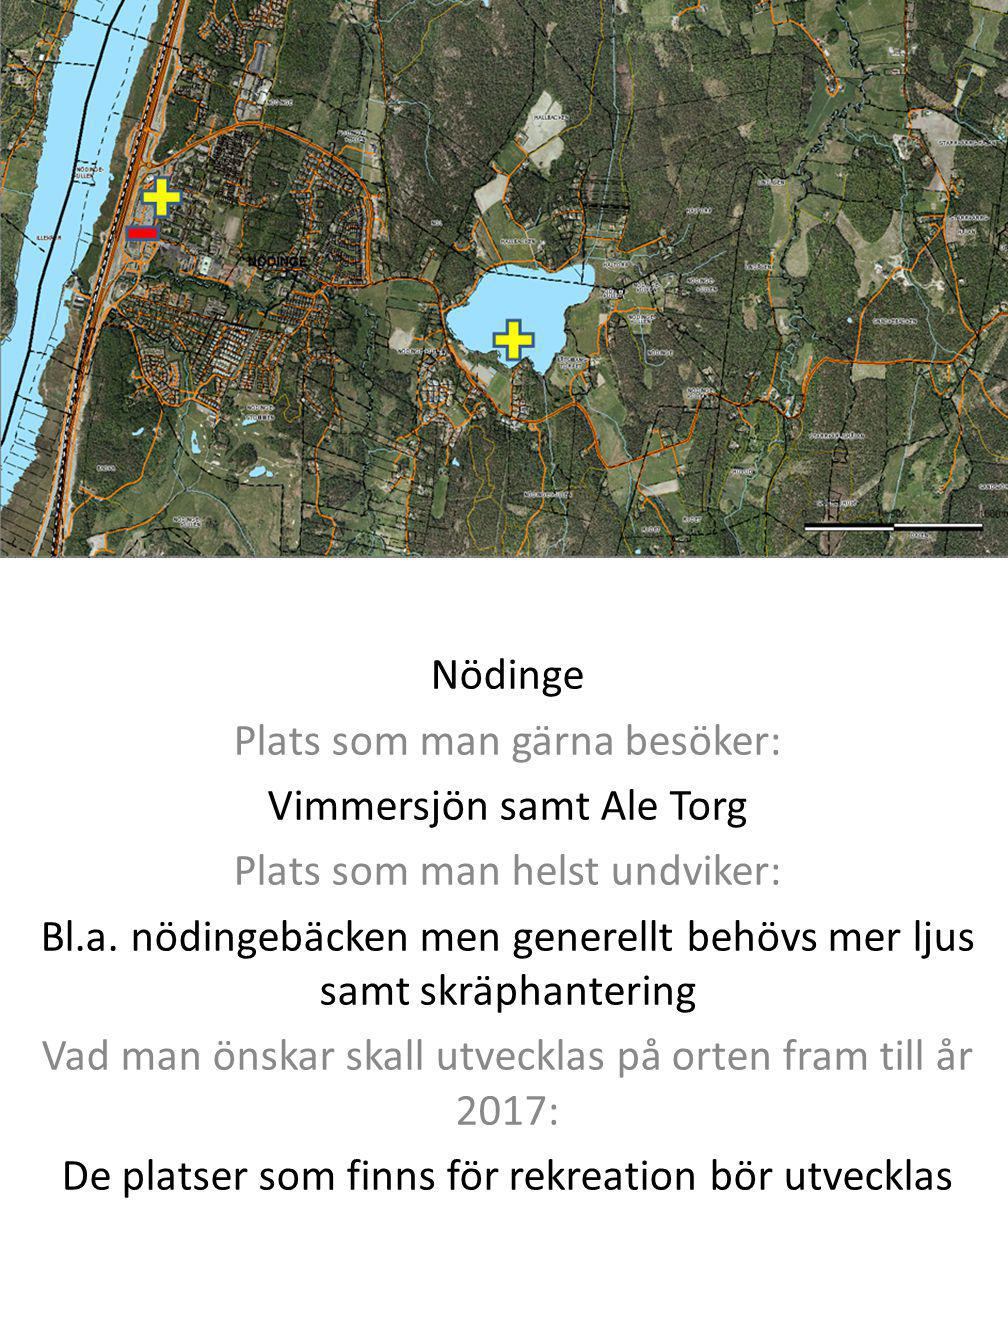 Nödinge Plats som man gärna besöker: Vimmersjön samt Ale Torg Plats som man helst undviker: Bl.a. nödingebäcken men generellt behövs mer ljus samt skr